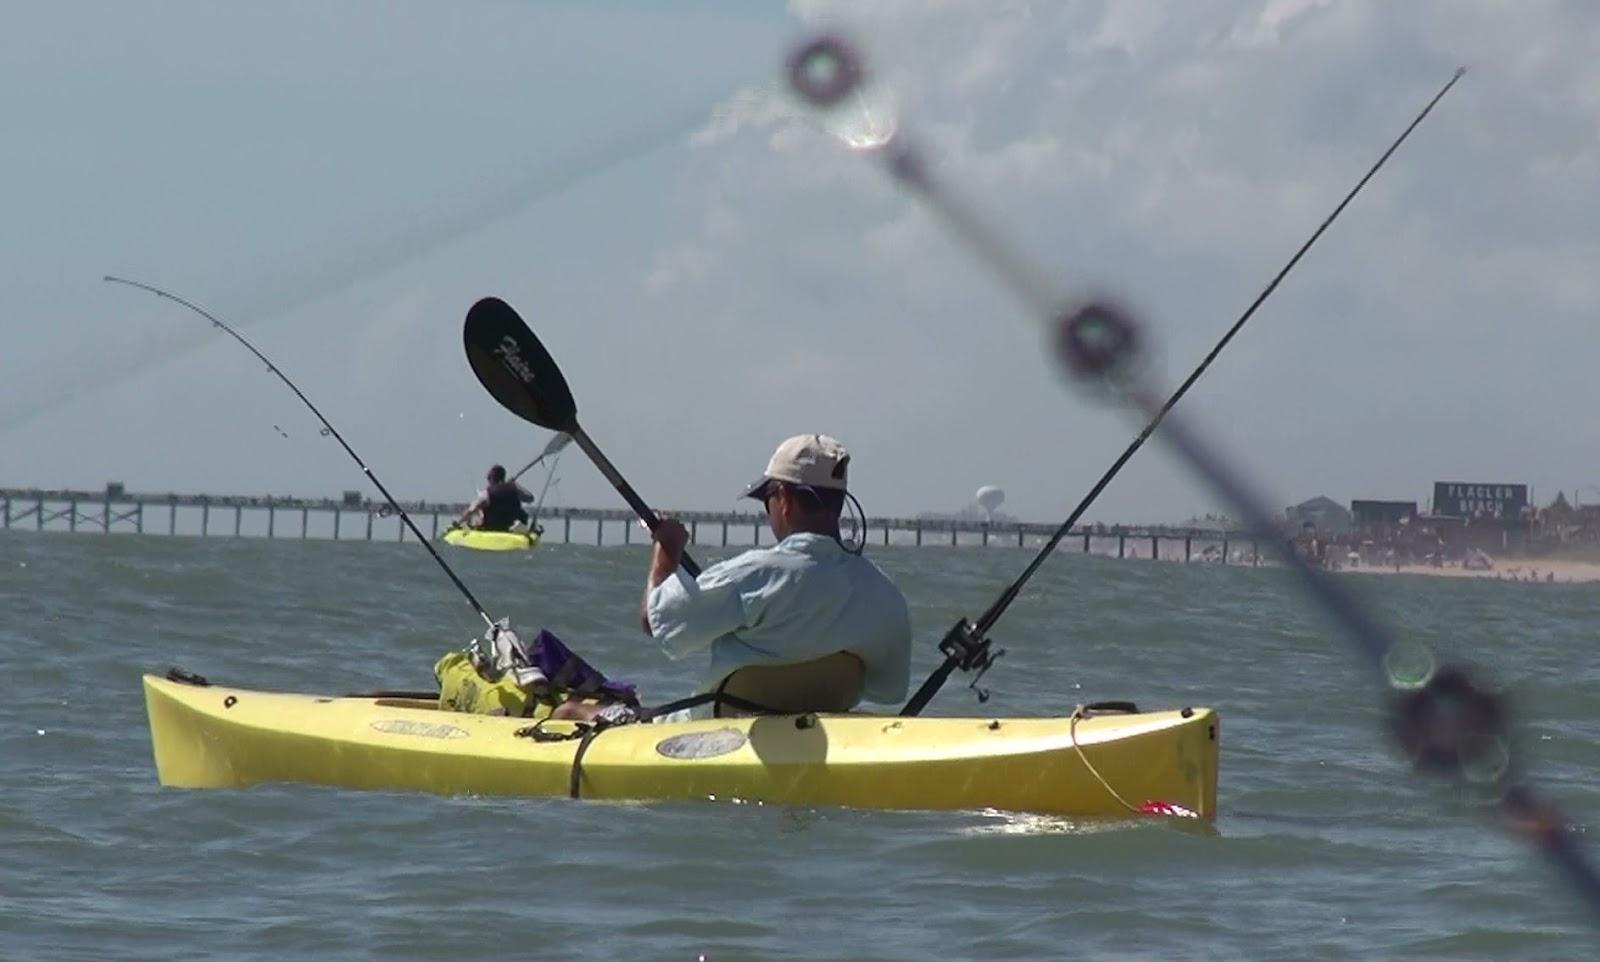 Kayak angling for big fish kayak surf fishing report 7 21 12 for Fishing kayak for big guys